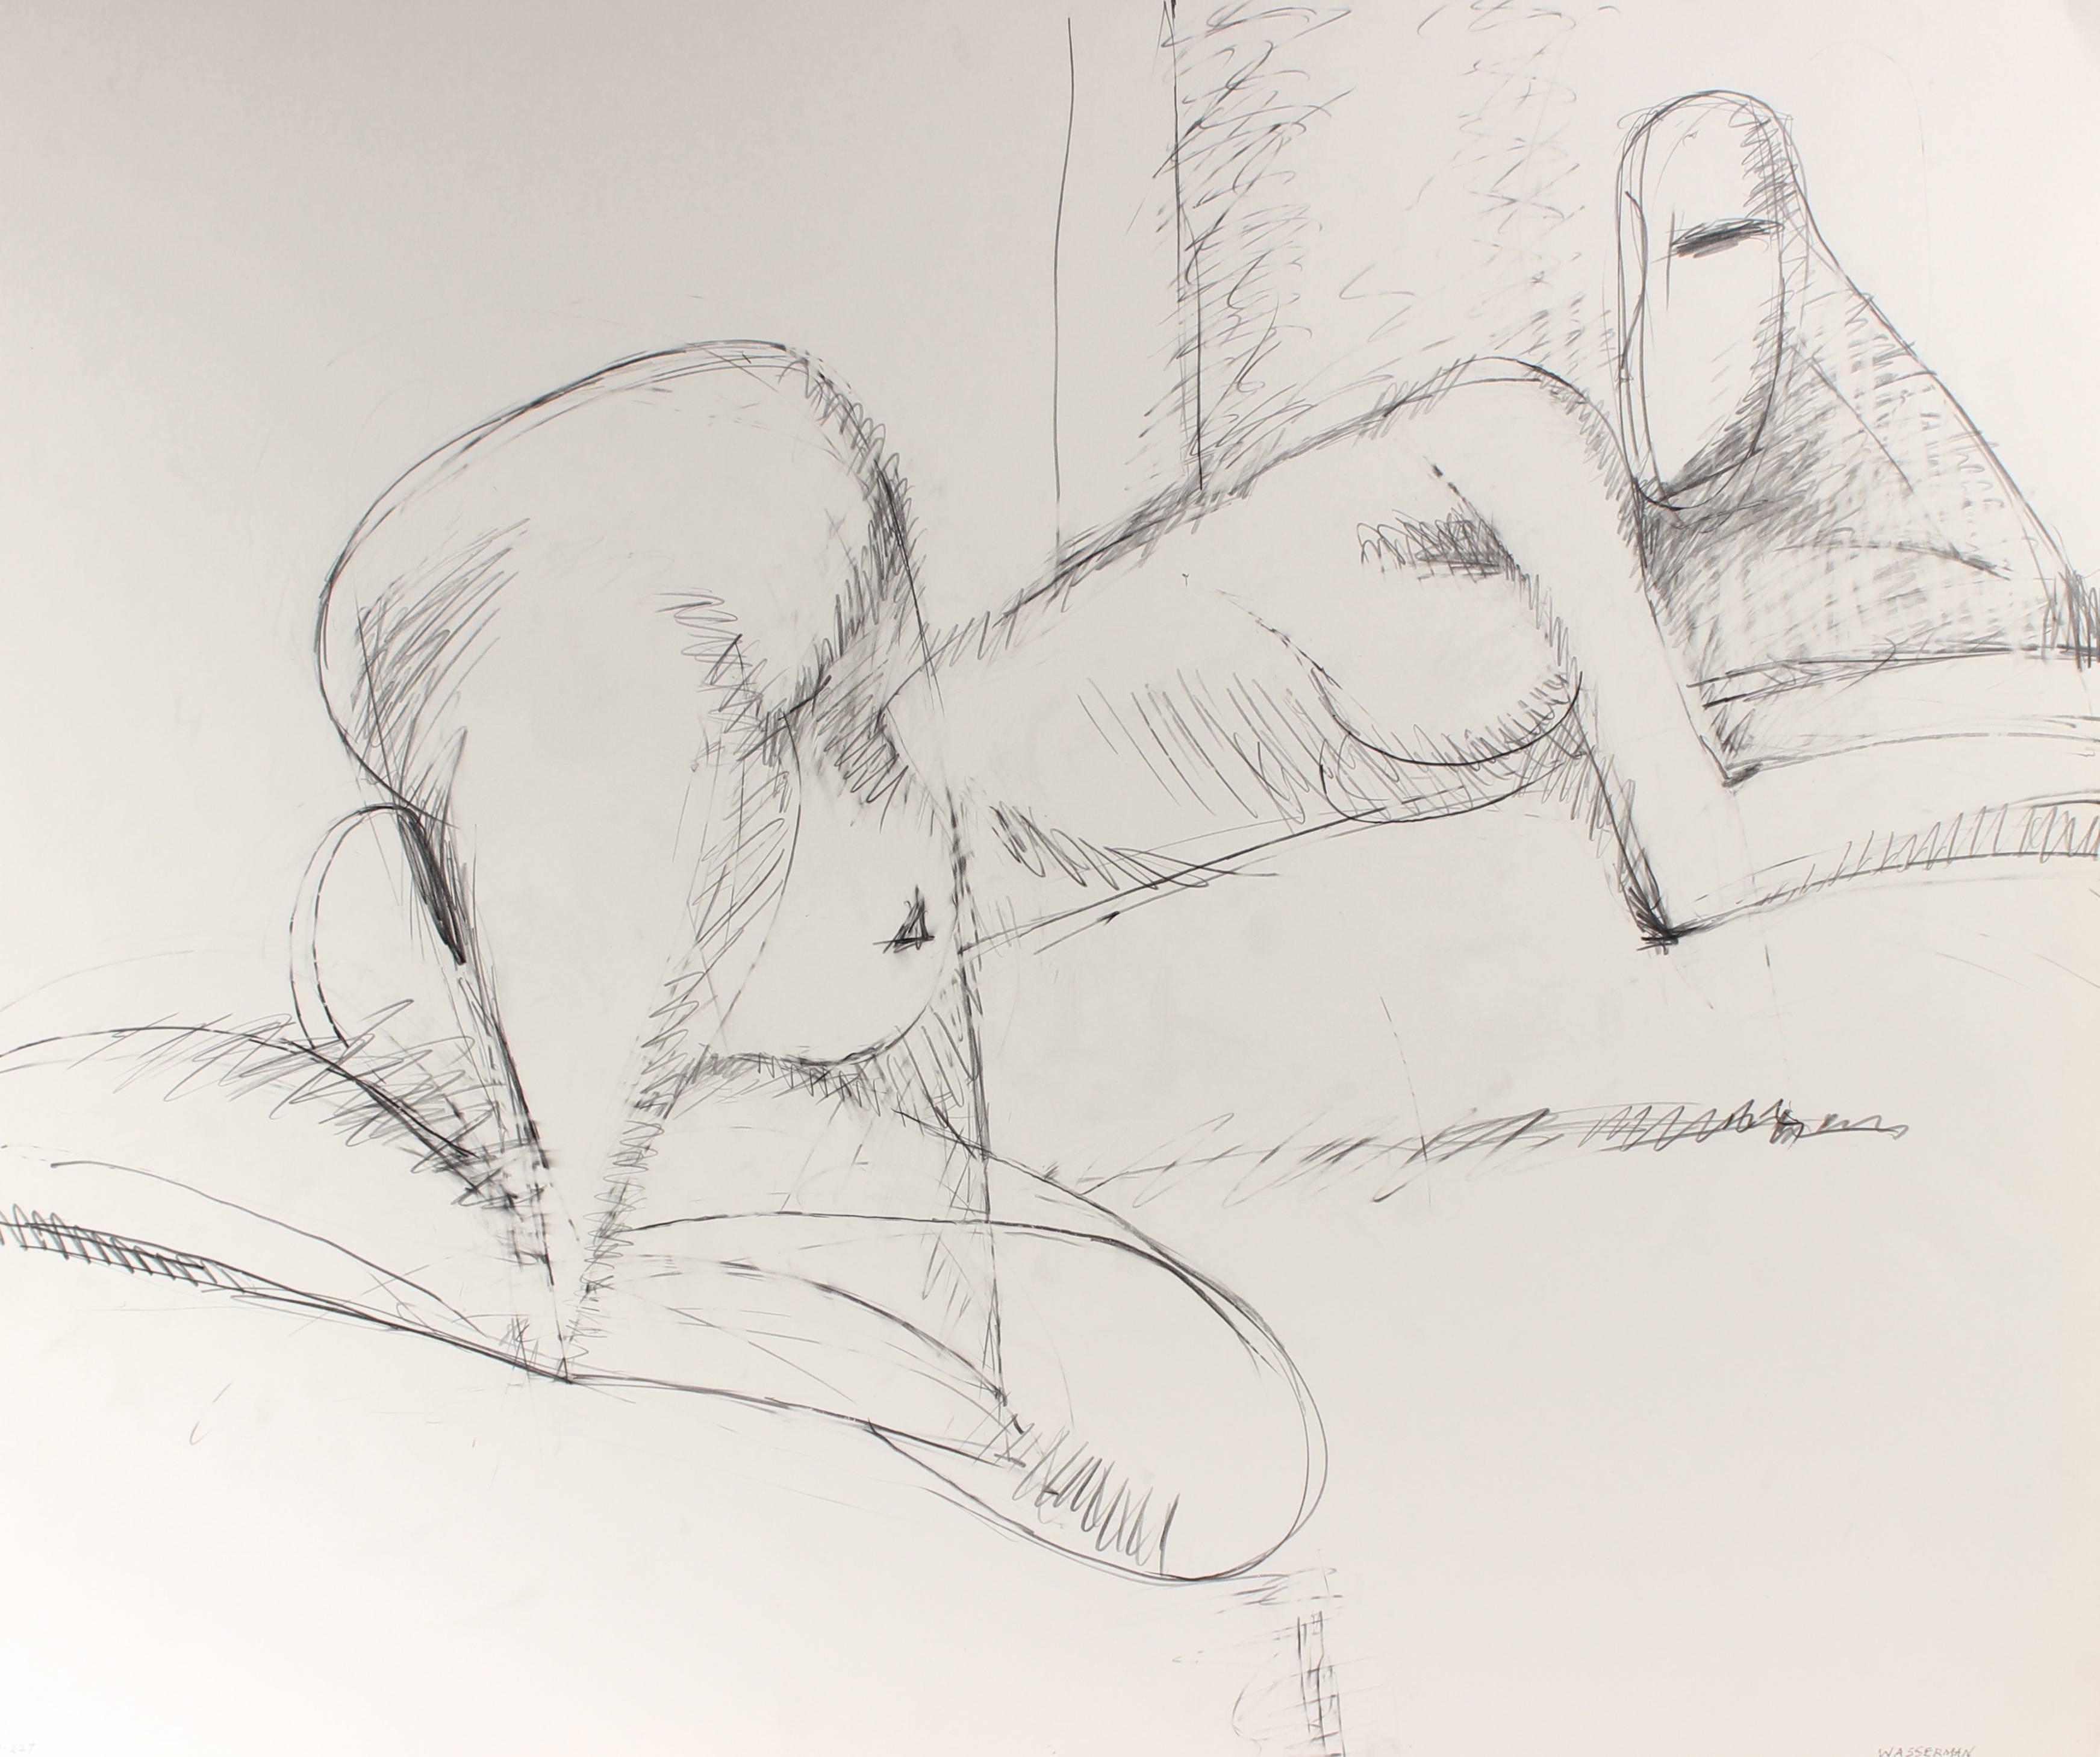 Minimalist Figure Drawing in Graphite, Circa 1998